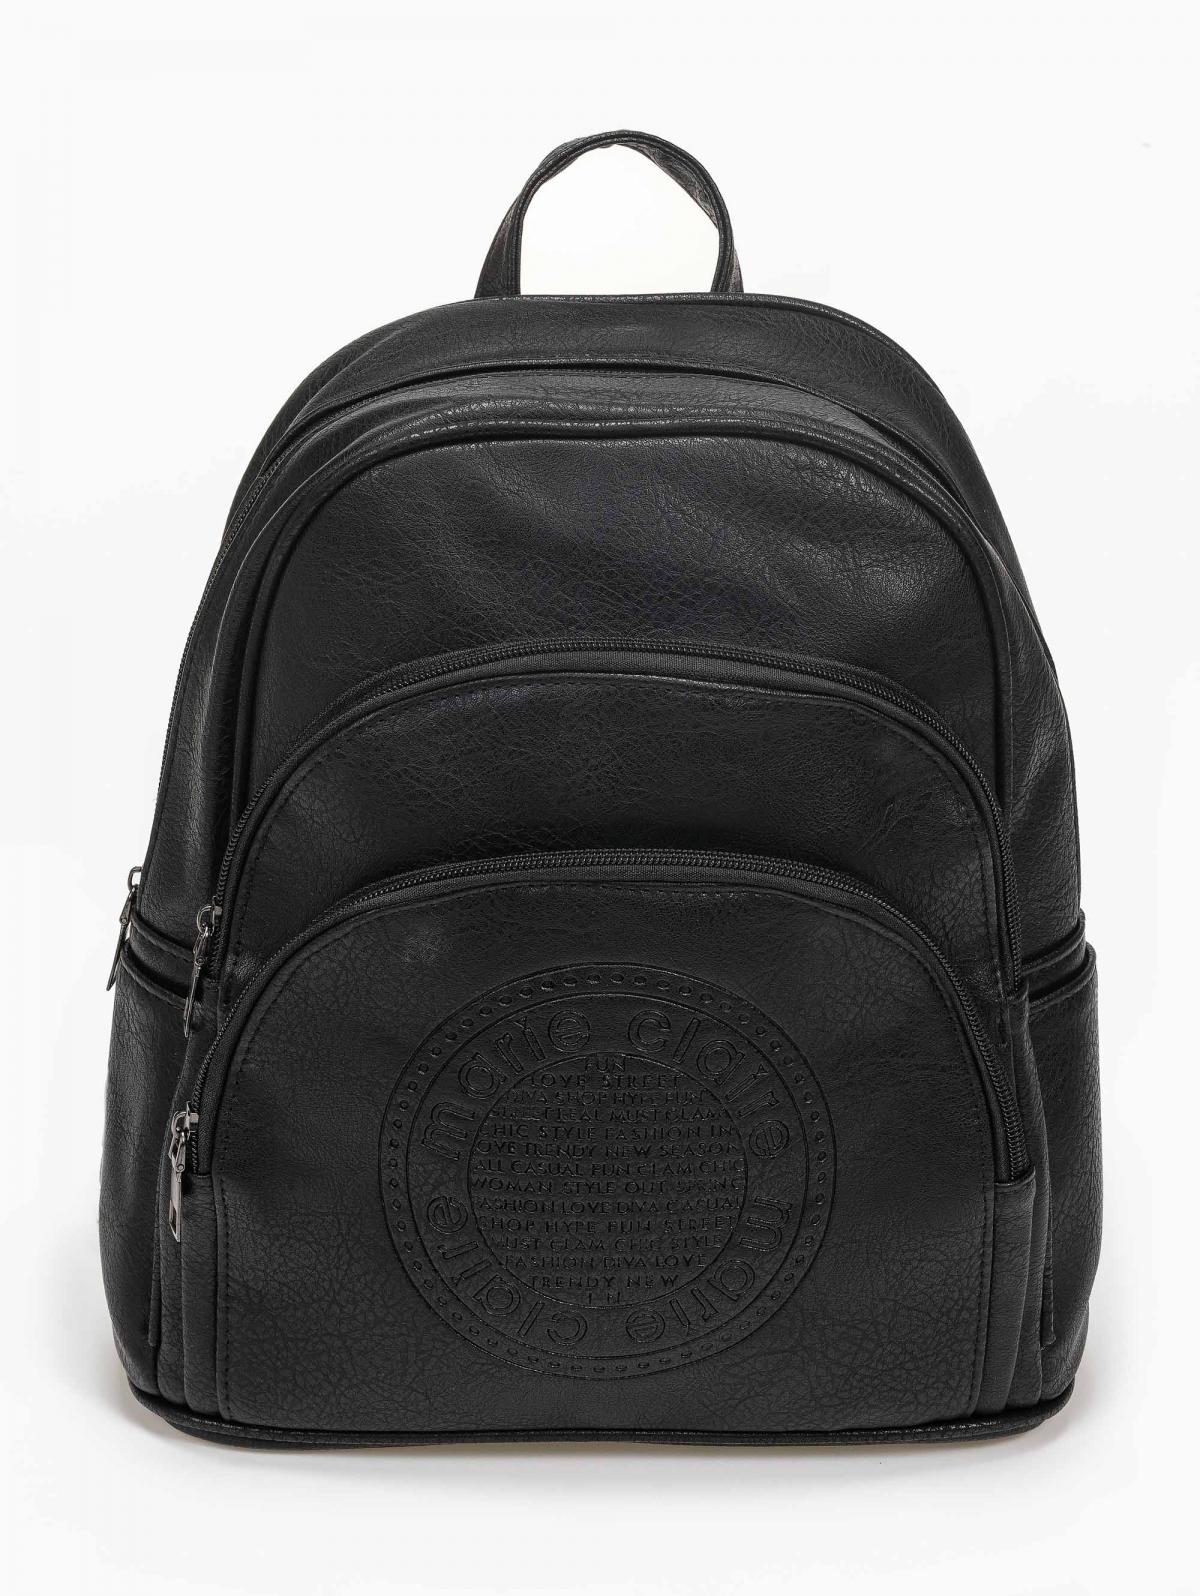 Μικρή τσάντα πλάτης με ανάγλυφη στάμπα - Μαύρο